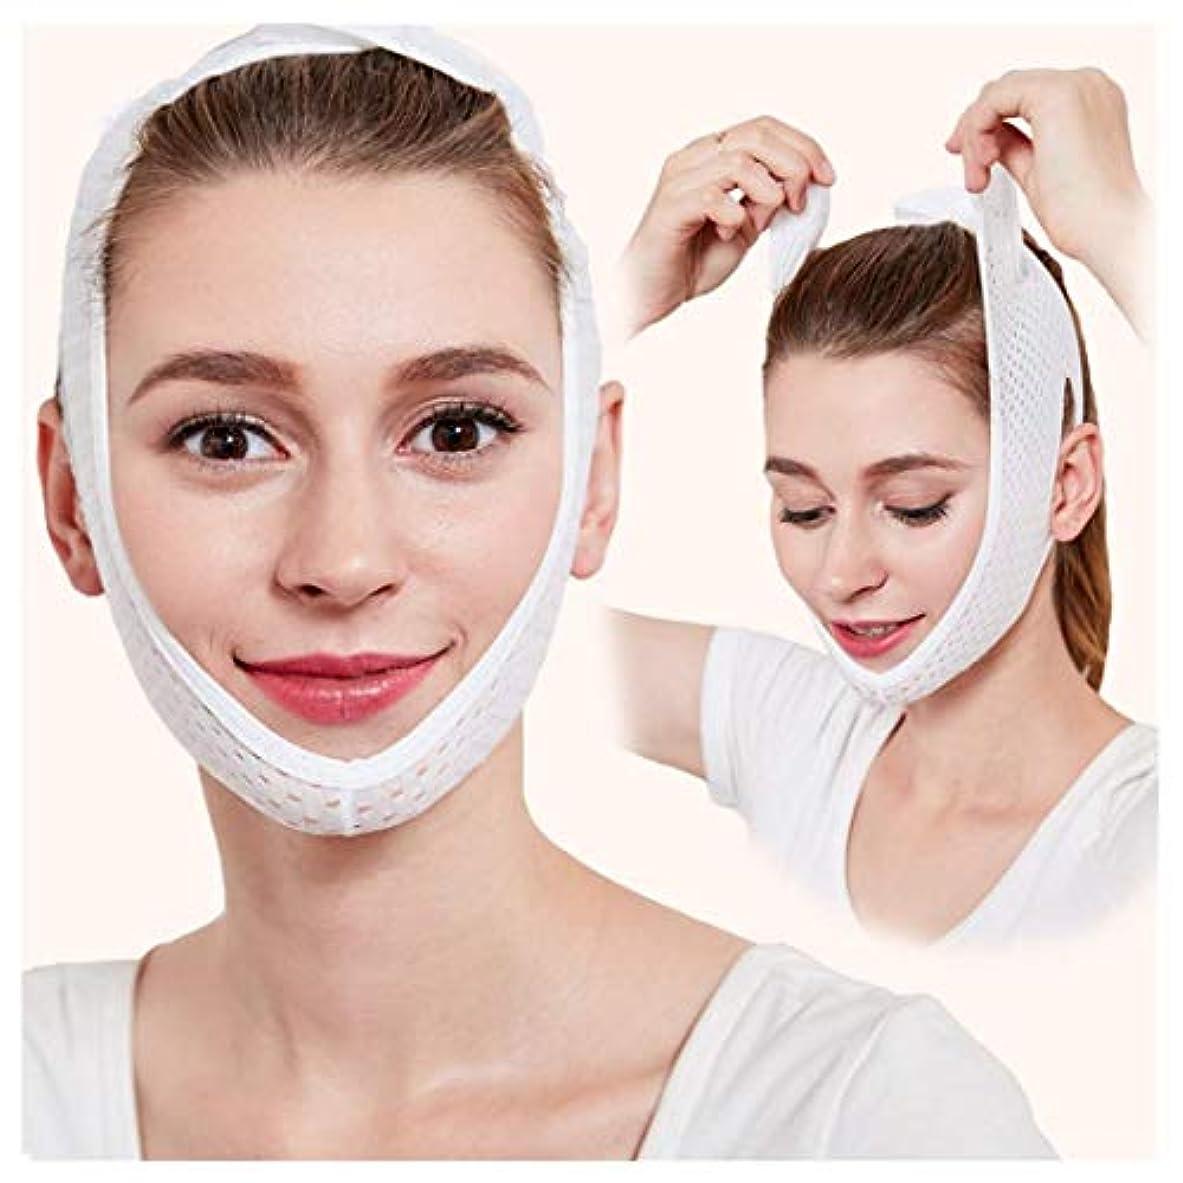 要求する穏やかなプラスWSJTT 顔のリフティングストラップ、Vラインファーミングラップは、女性のためのバージョンVシェイプフェイススリミングマスクアップグレードリフティングネック二重あごベルトスキンケアチンマスク